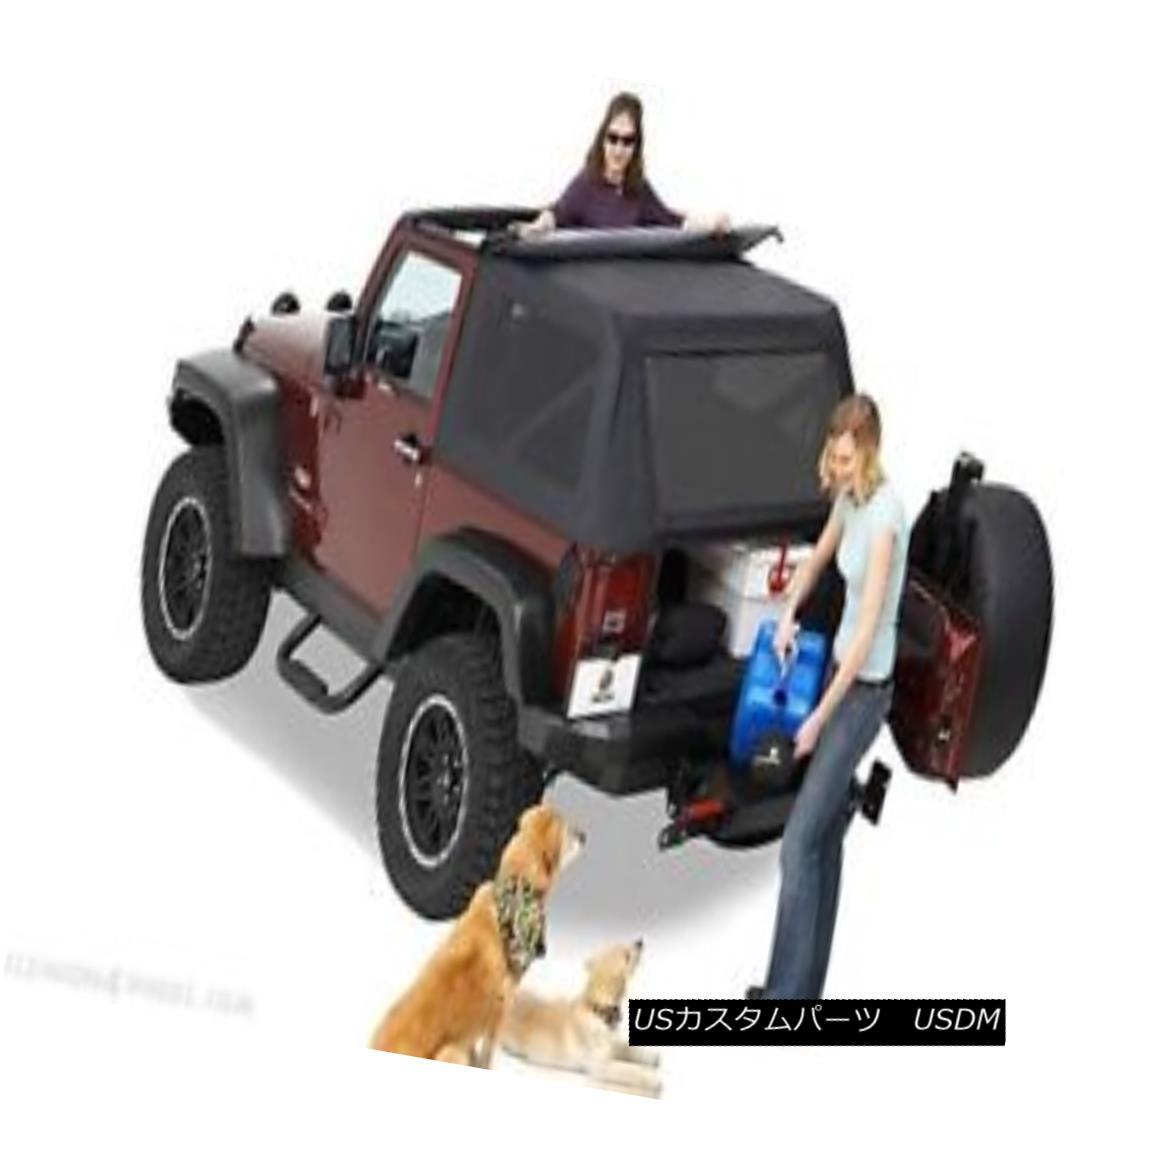 幌・ソフトトップ Bestop 56804-35 Jeep Trektop Complete Replacement Soft Top Black Diamond Bestop 56804-35ジープトレームトップ完全交換用ソフトトップブラックダイヤモンド